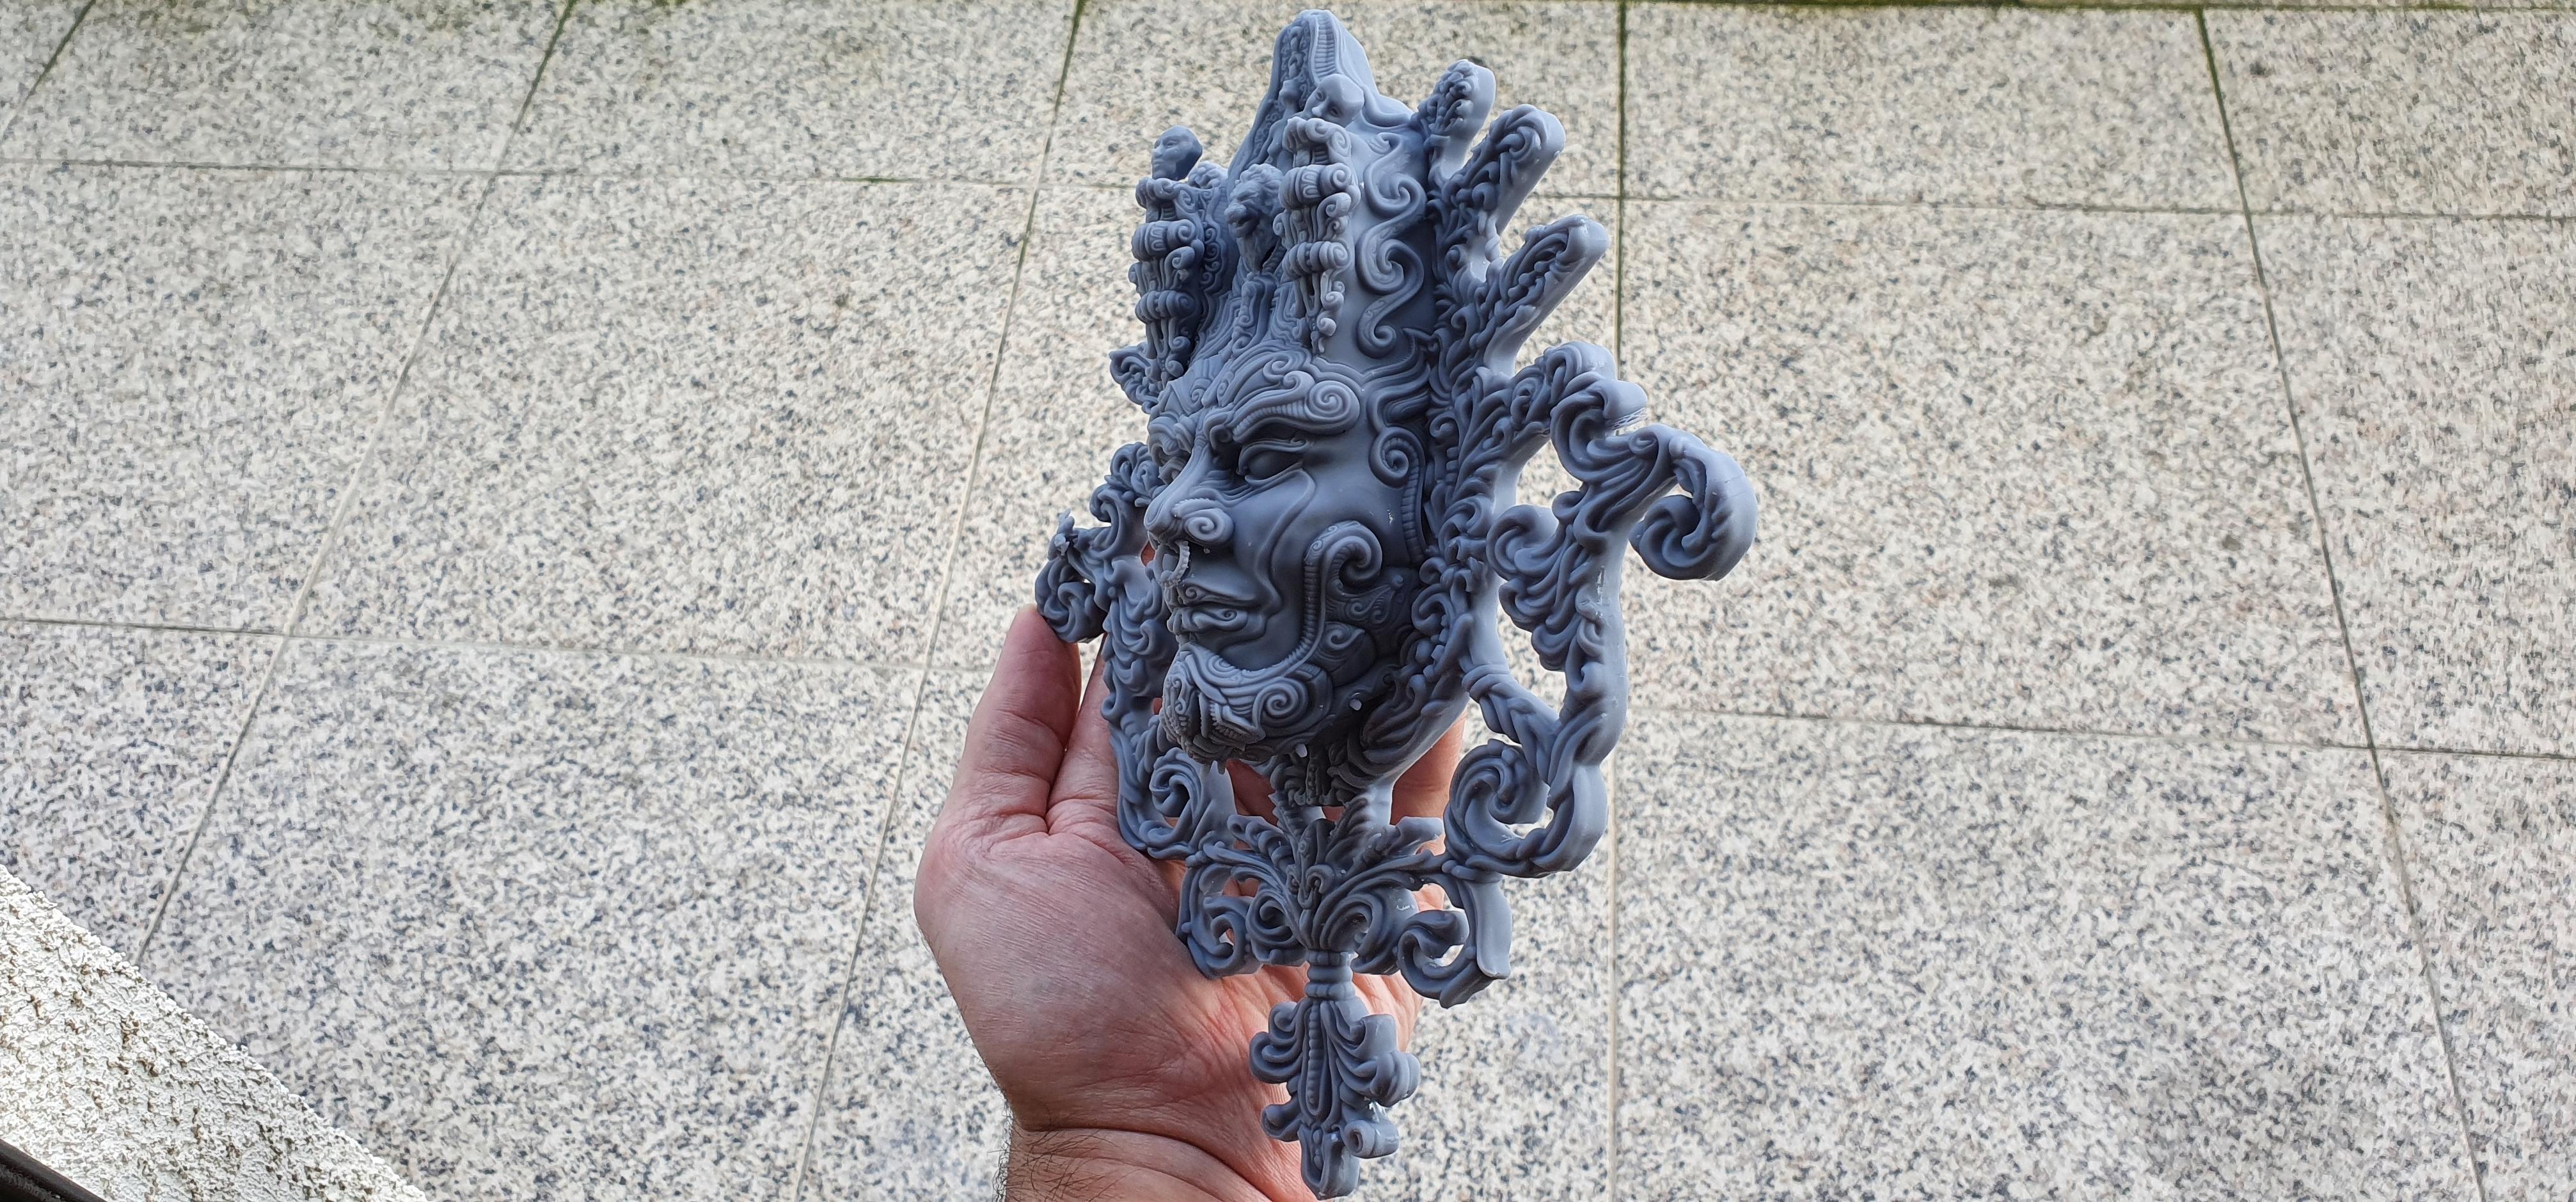 20201230_114917.jpg Download OBJ file Arcane • 3D printer design, BLVCKGVLD